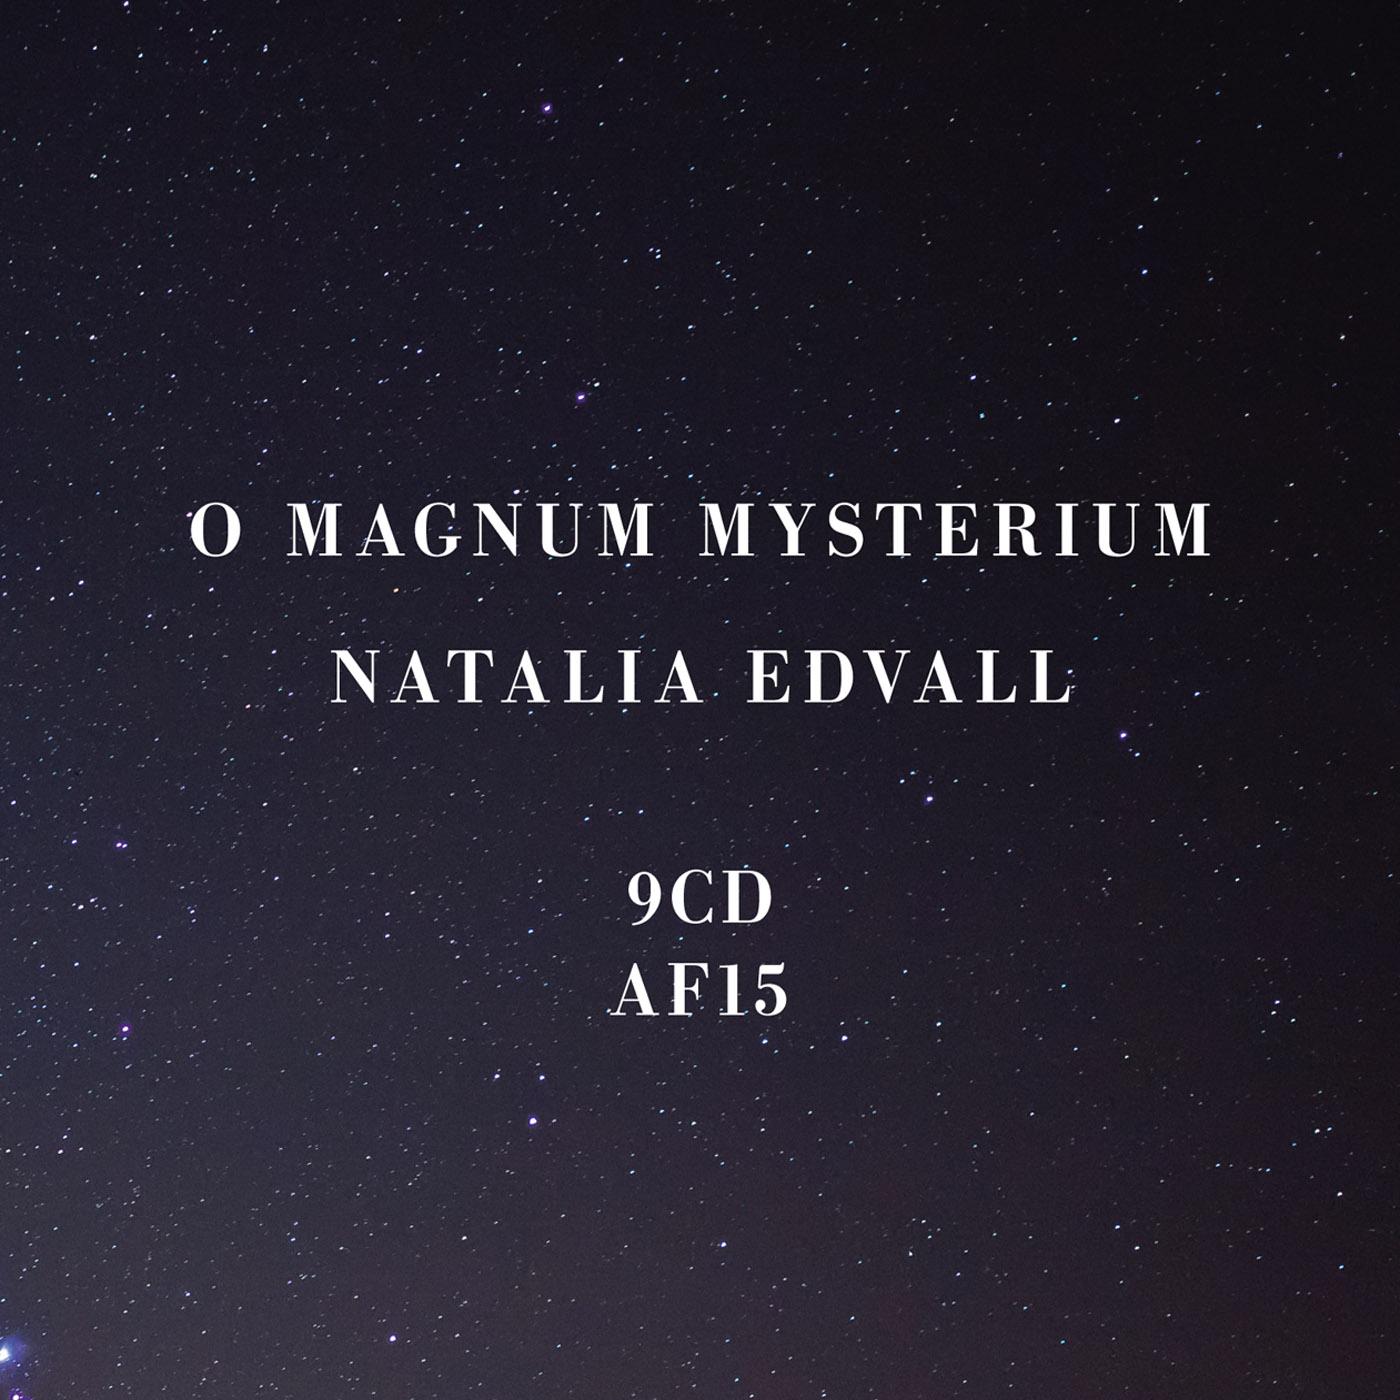 O magnum mysterium hittar du även på Cd baby